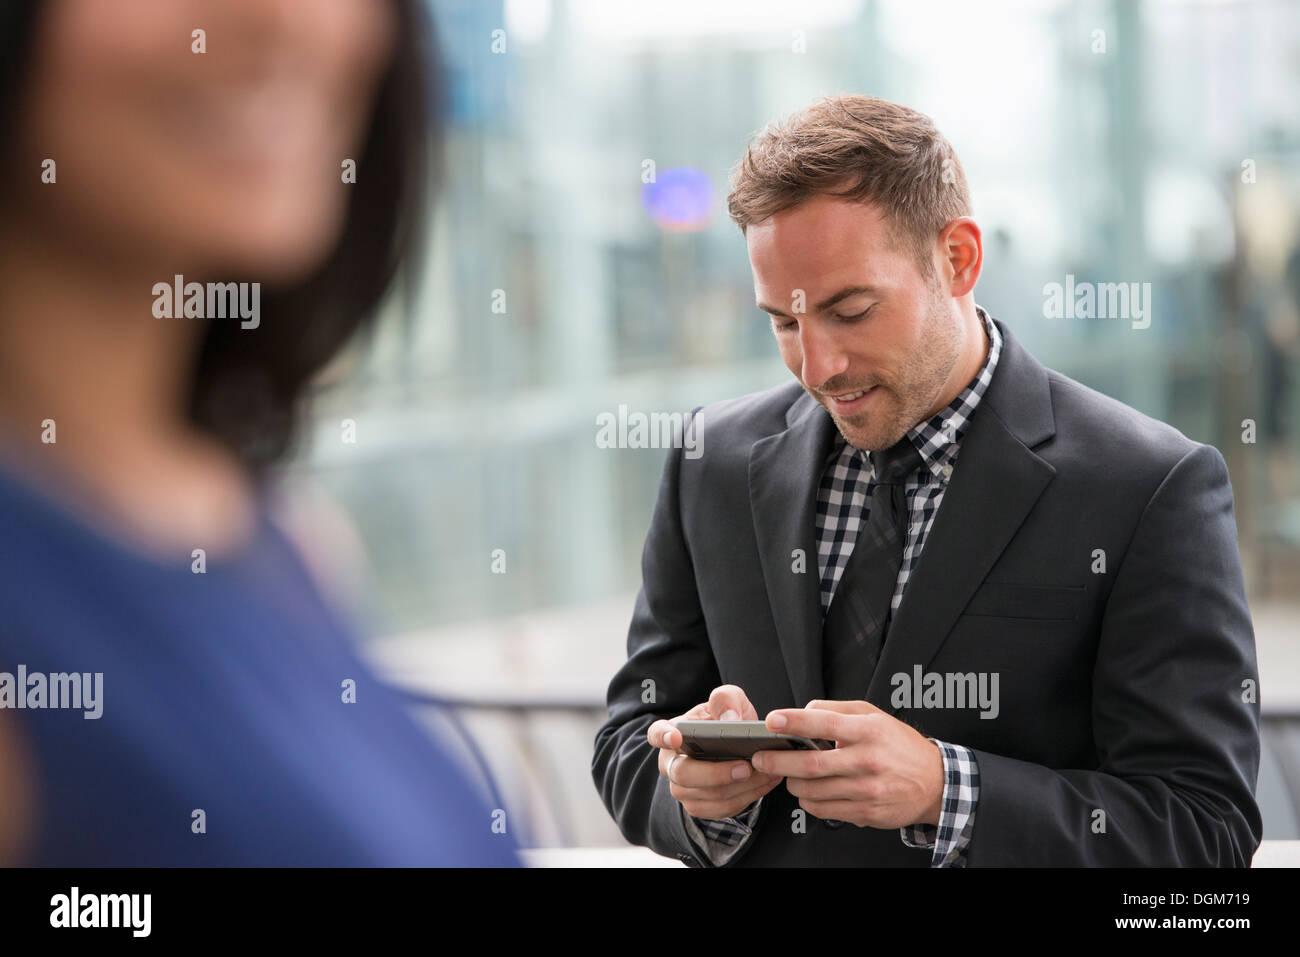 Un uomo in una tuta controllando il suo telefono. Una donna in primo piano. Immagini Stock